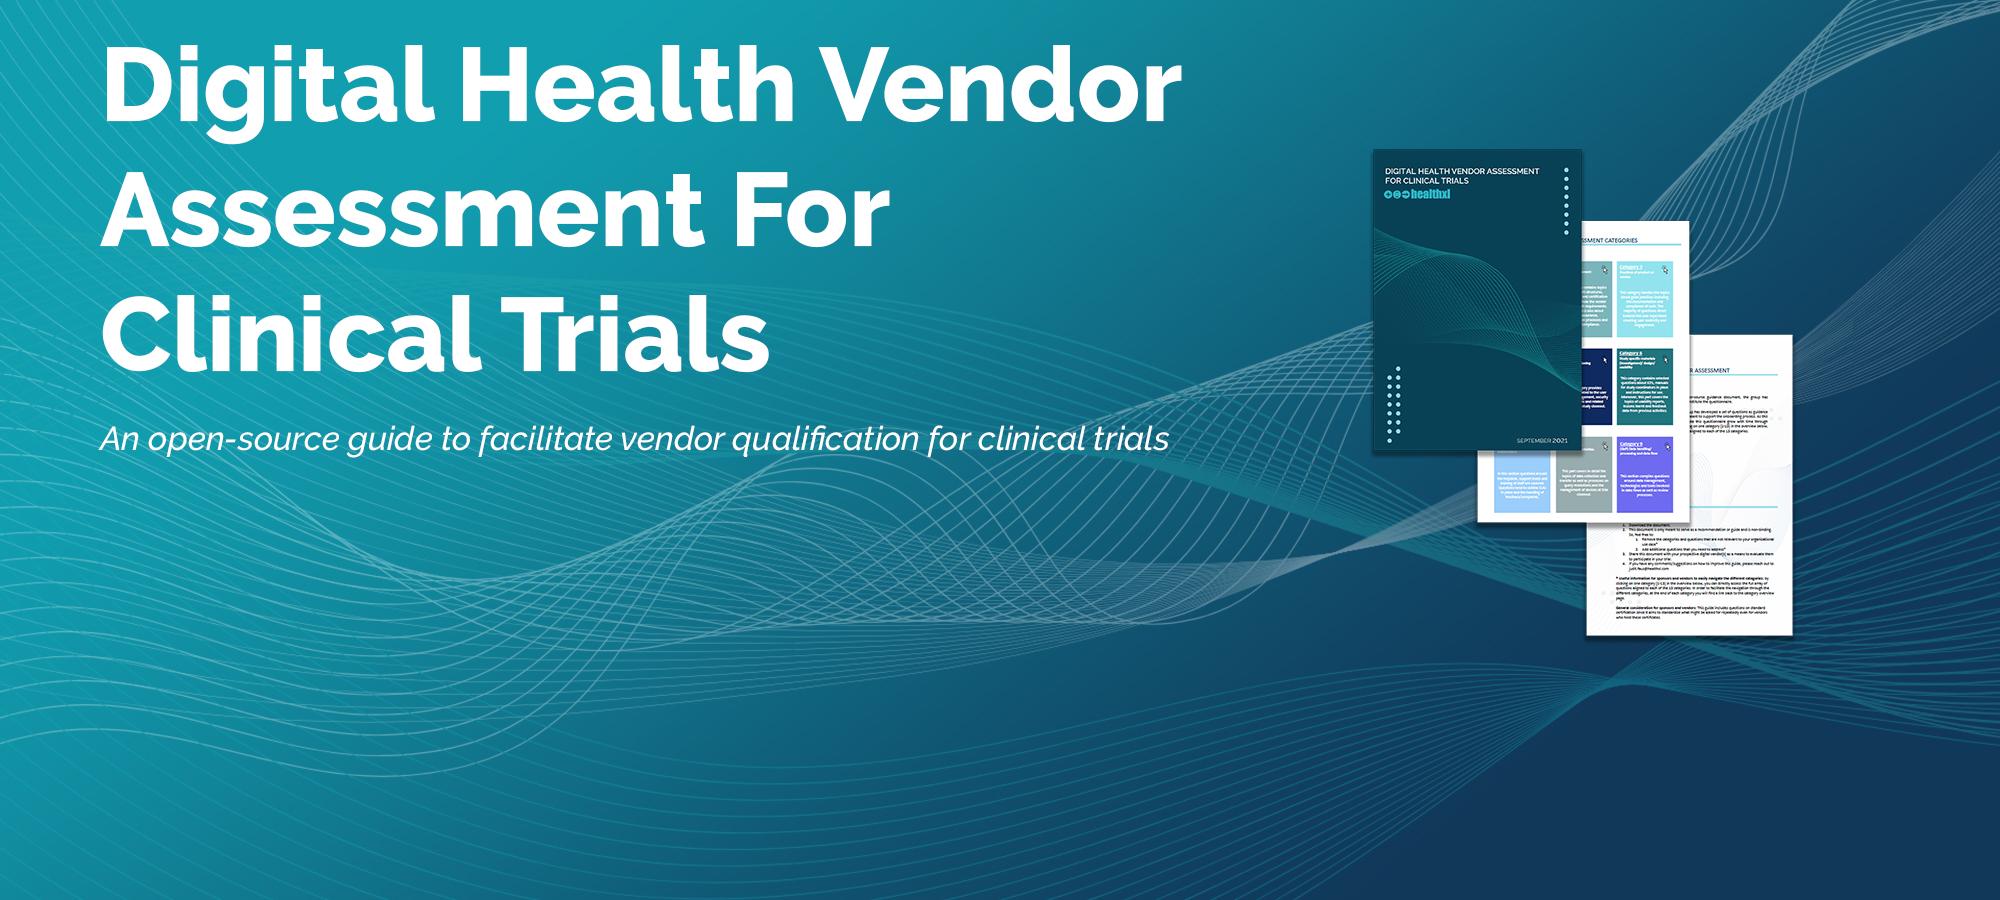 Digital Health Vendor Assessment for Clinical Trials